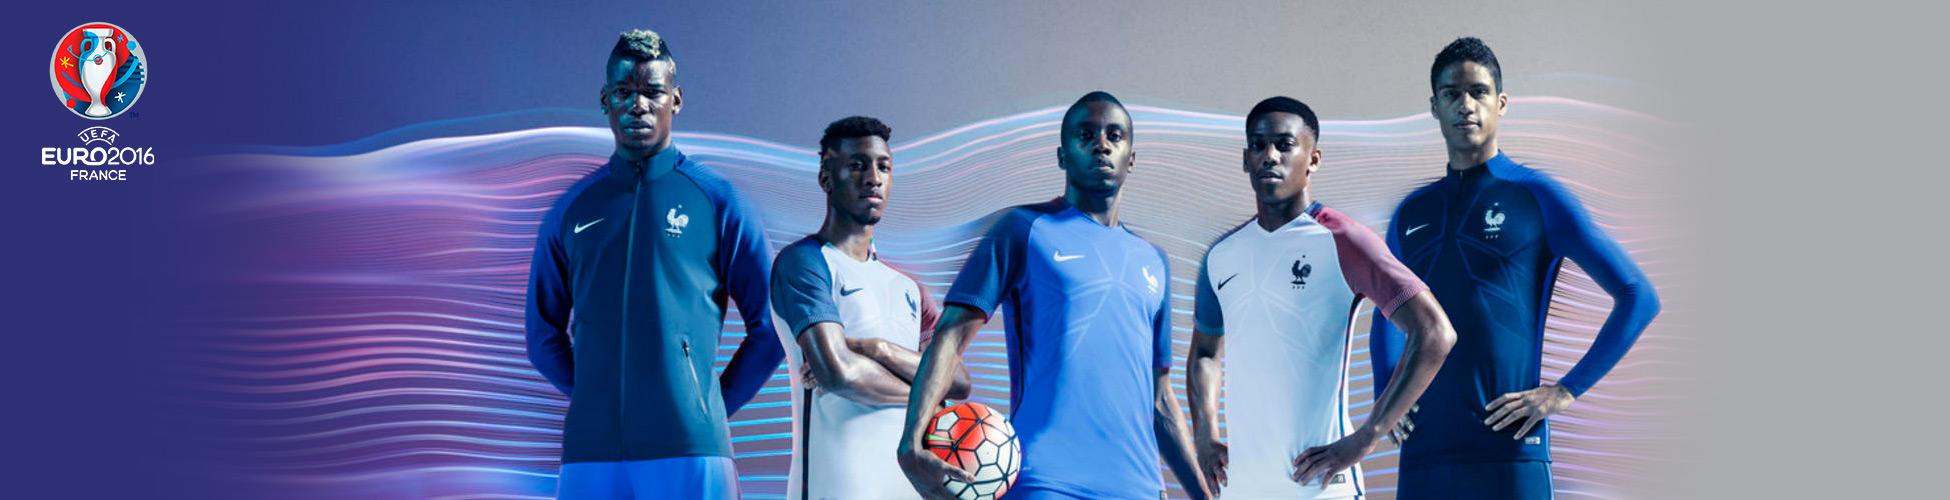 Euro16 Selección Francesa FR